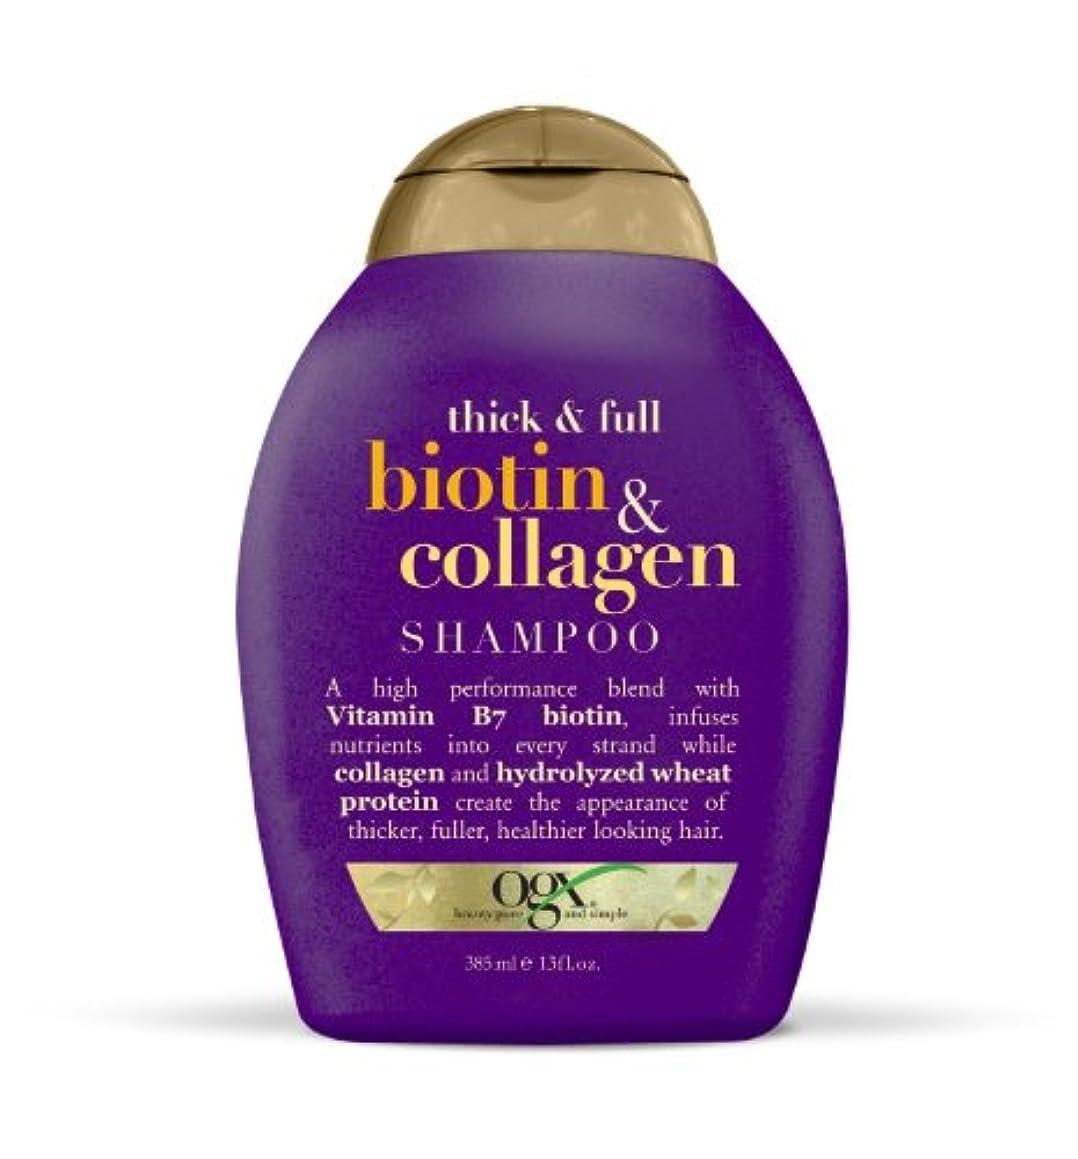 頬骨満了マトンOGX Thick & Full Biotin & Collagen Shampoo 380ml シック&フルビオチン&コラーゲンシャンプー [並行輸入品]